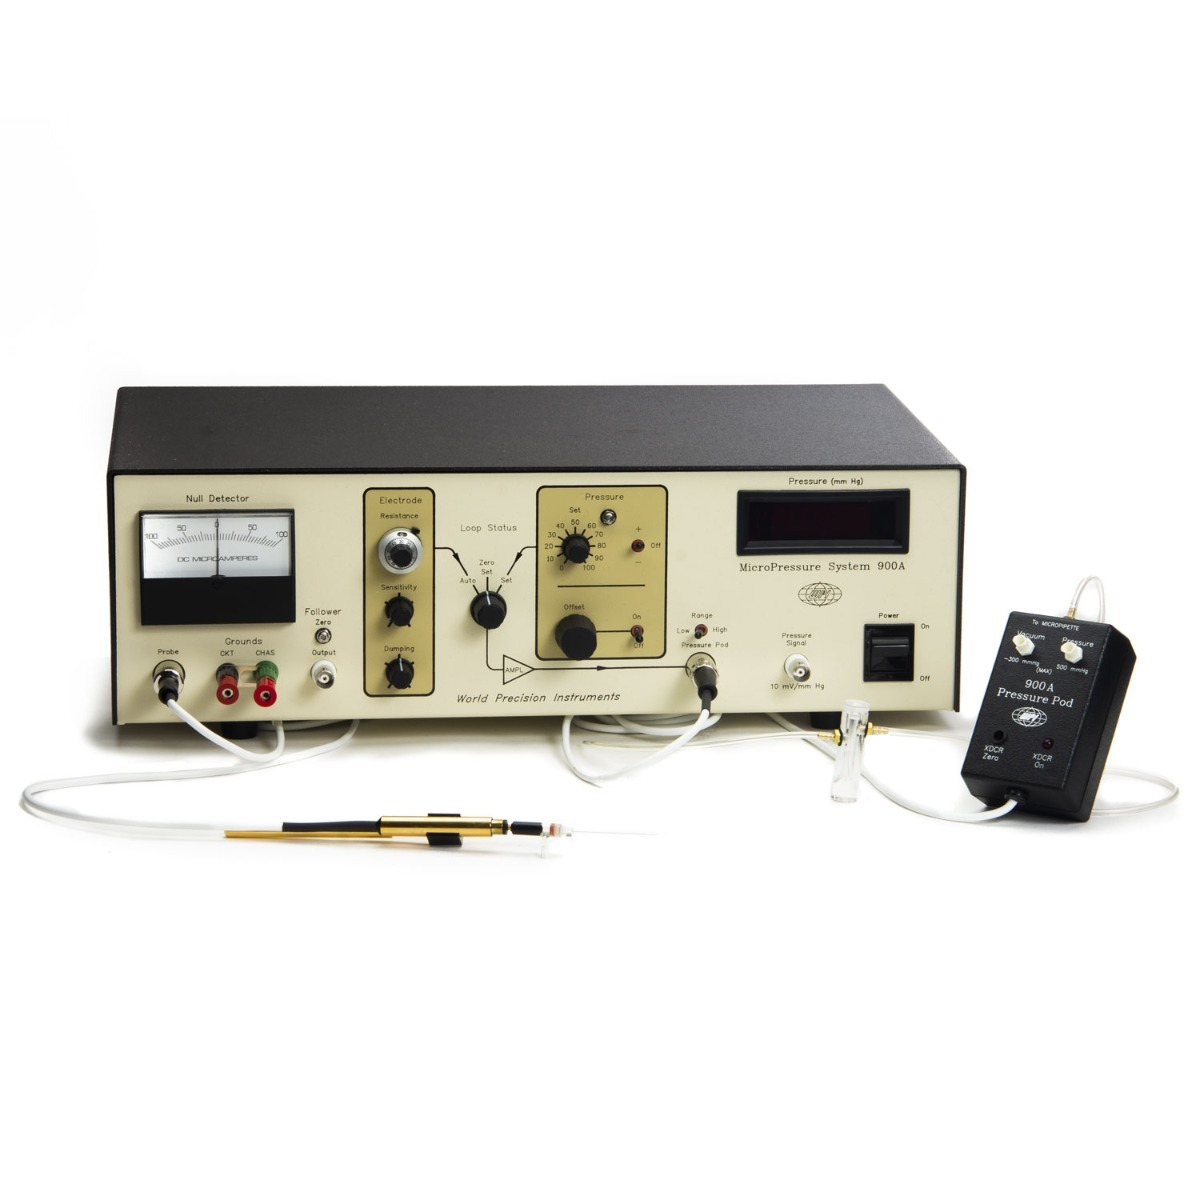 900A Micropressure System